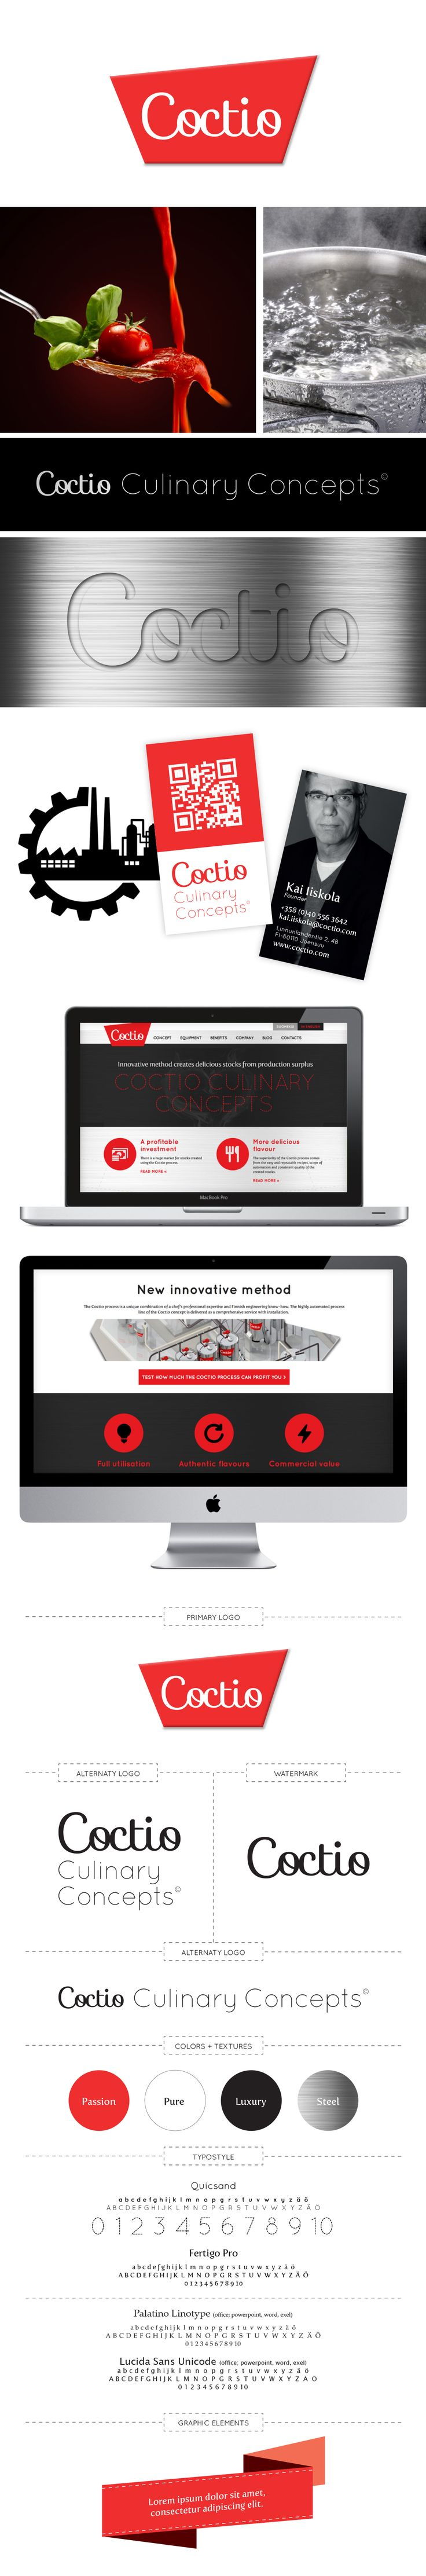 Asiakas: Coctio Culinary Consepts Avainsanat: yritysilme, logosuunnittelu, värimaailma, typografia, graafiset elementit, käyntikortit, verkkosivuston suunnittelu, responsive web design